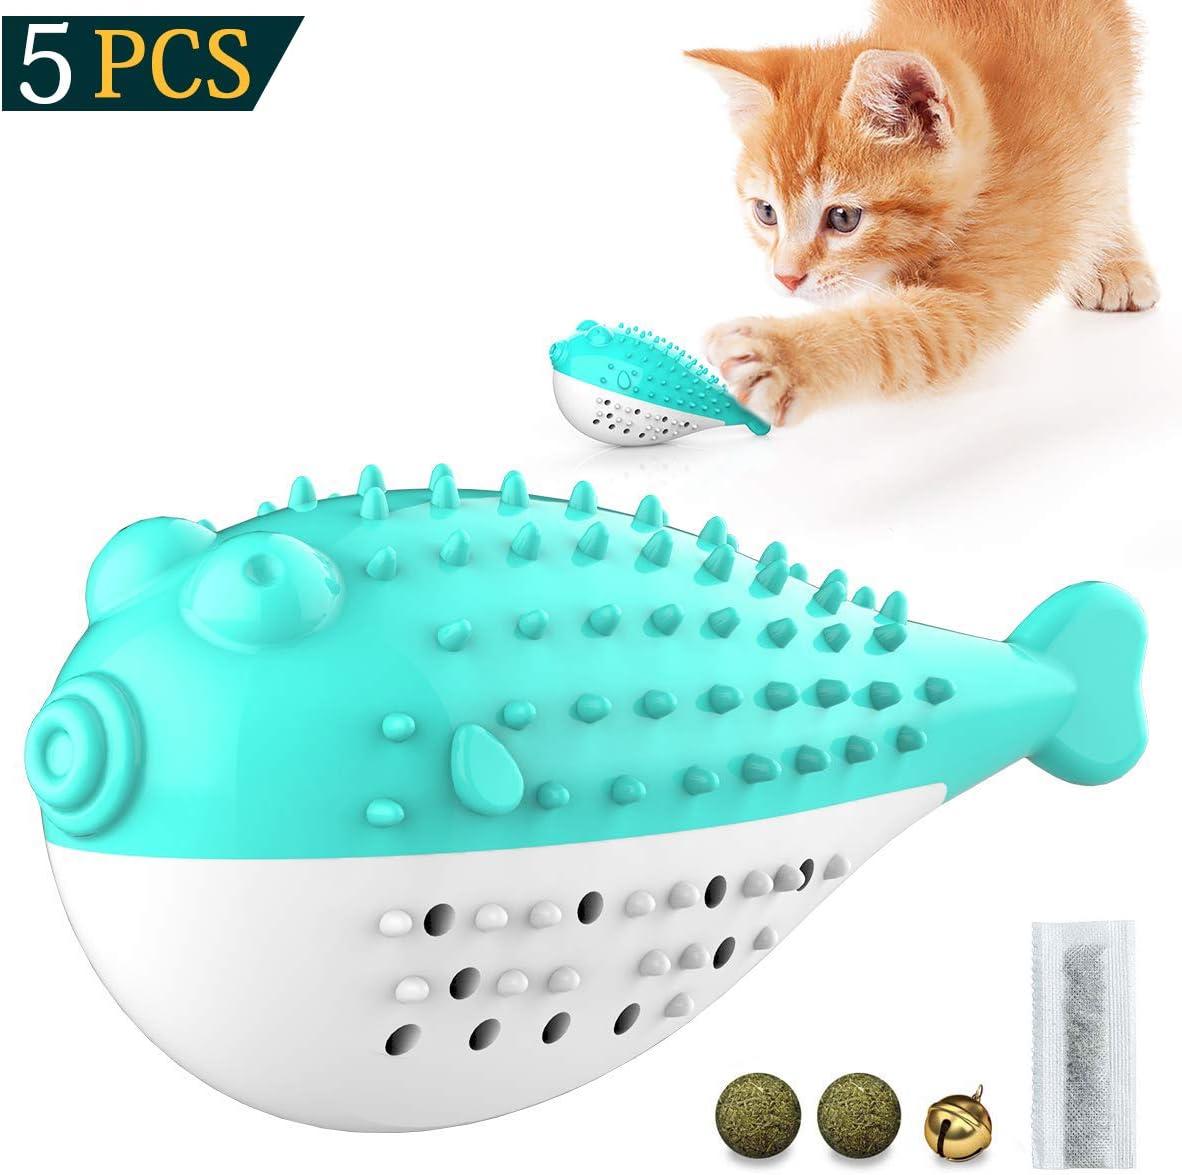 KTL Juguete para Gatos, Juguete para Masticar Gatos, Juguetes interactivos para Gatos, Cepillo de Dientes para Gatos, Juguete de Limpieza automática de Gato, Juguete de Goma para Gato o Gatito: Amazon.es: Productos